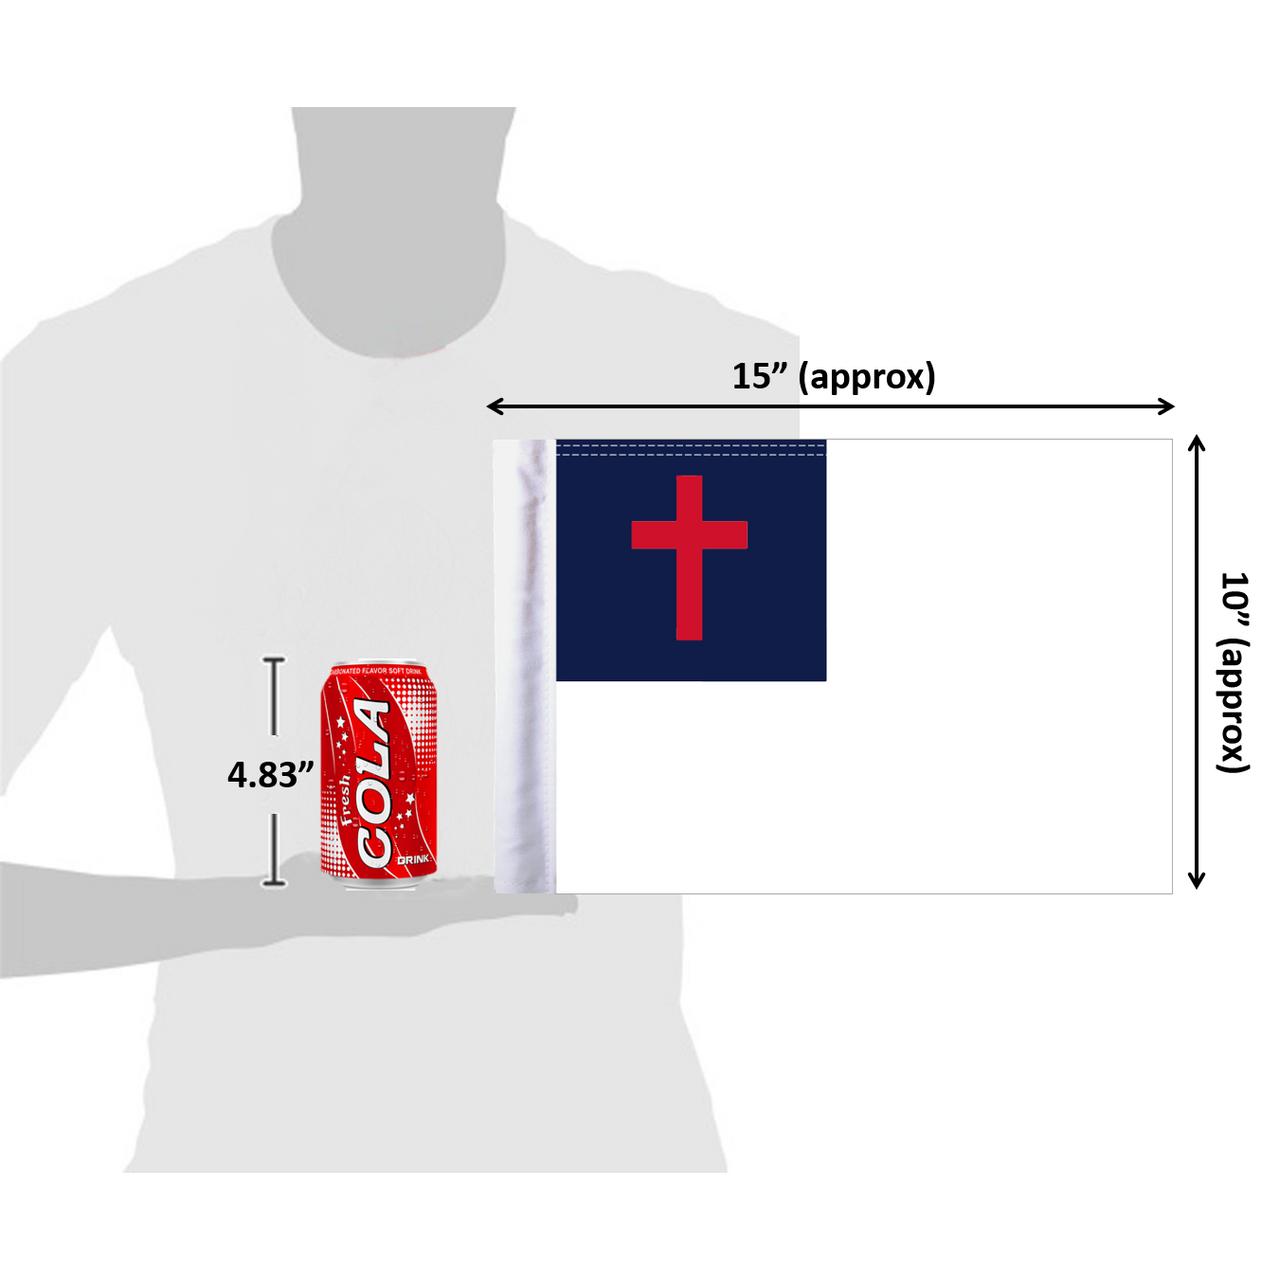 """10""""x15"""" Christian flag (size comparison view)"""